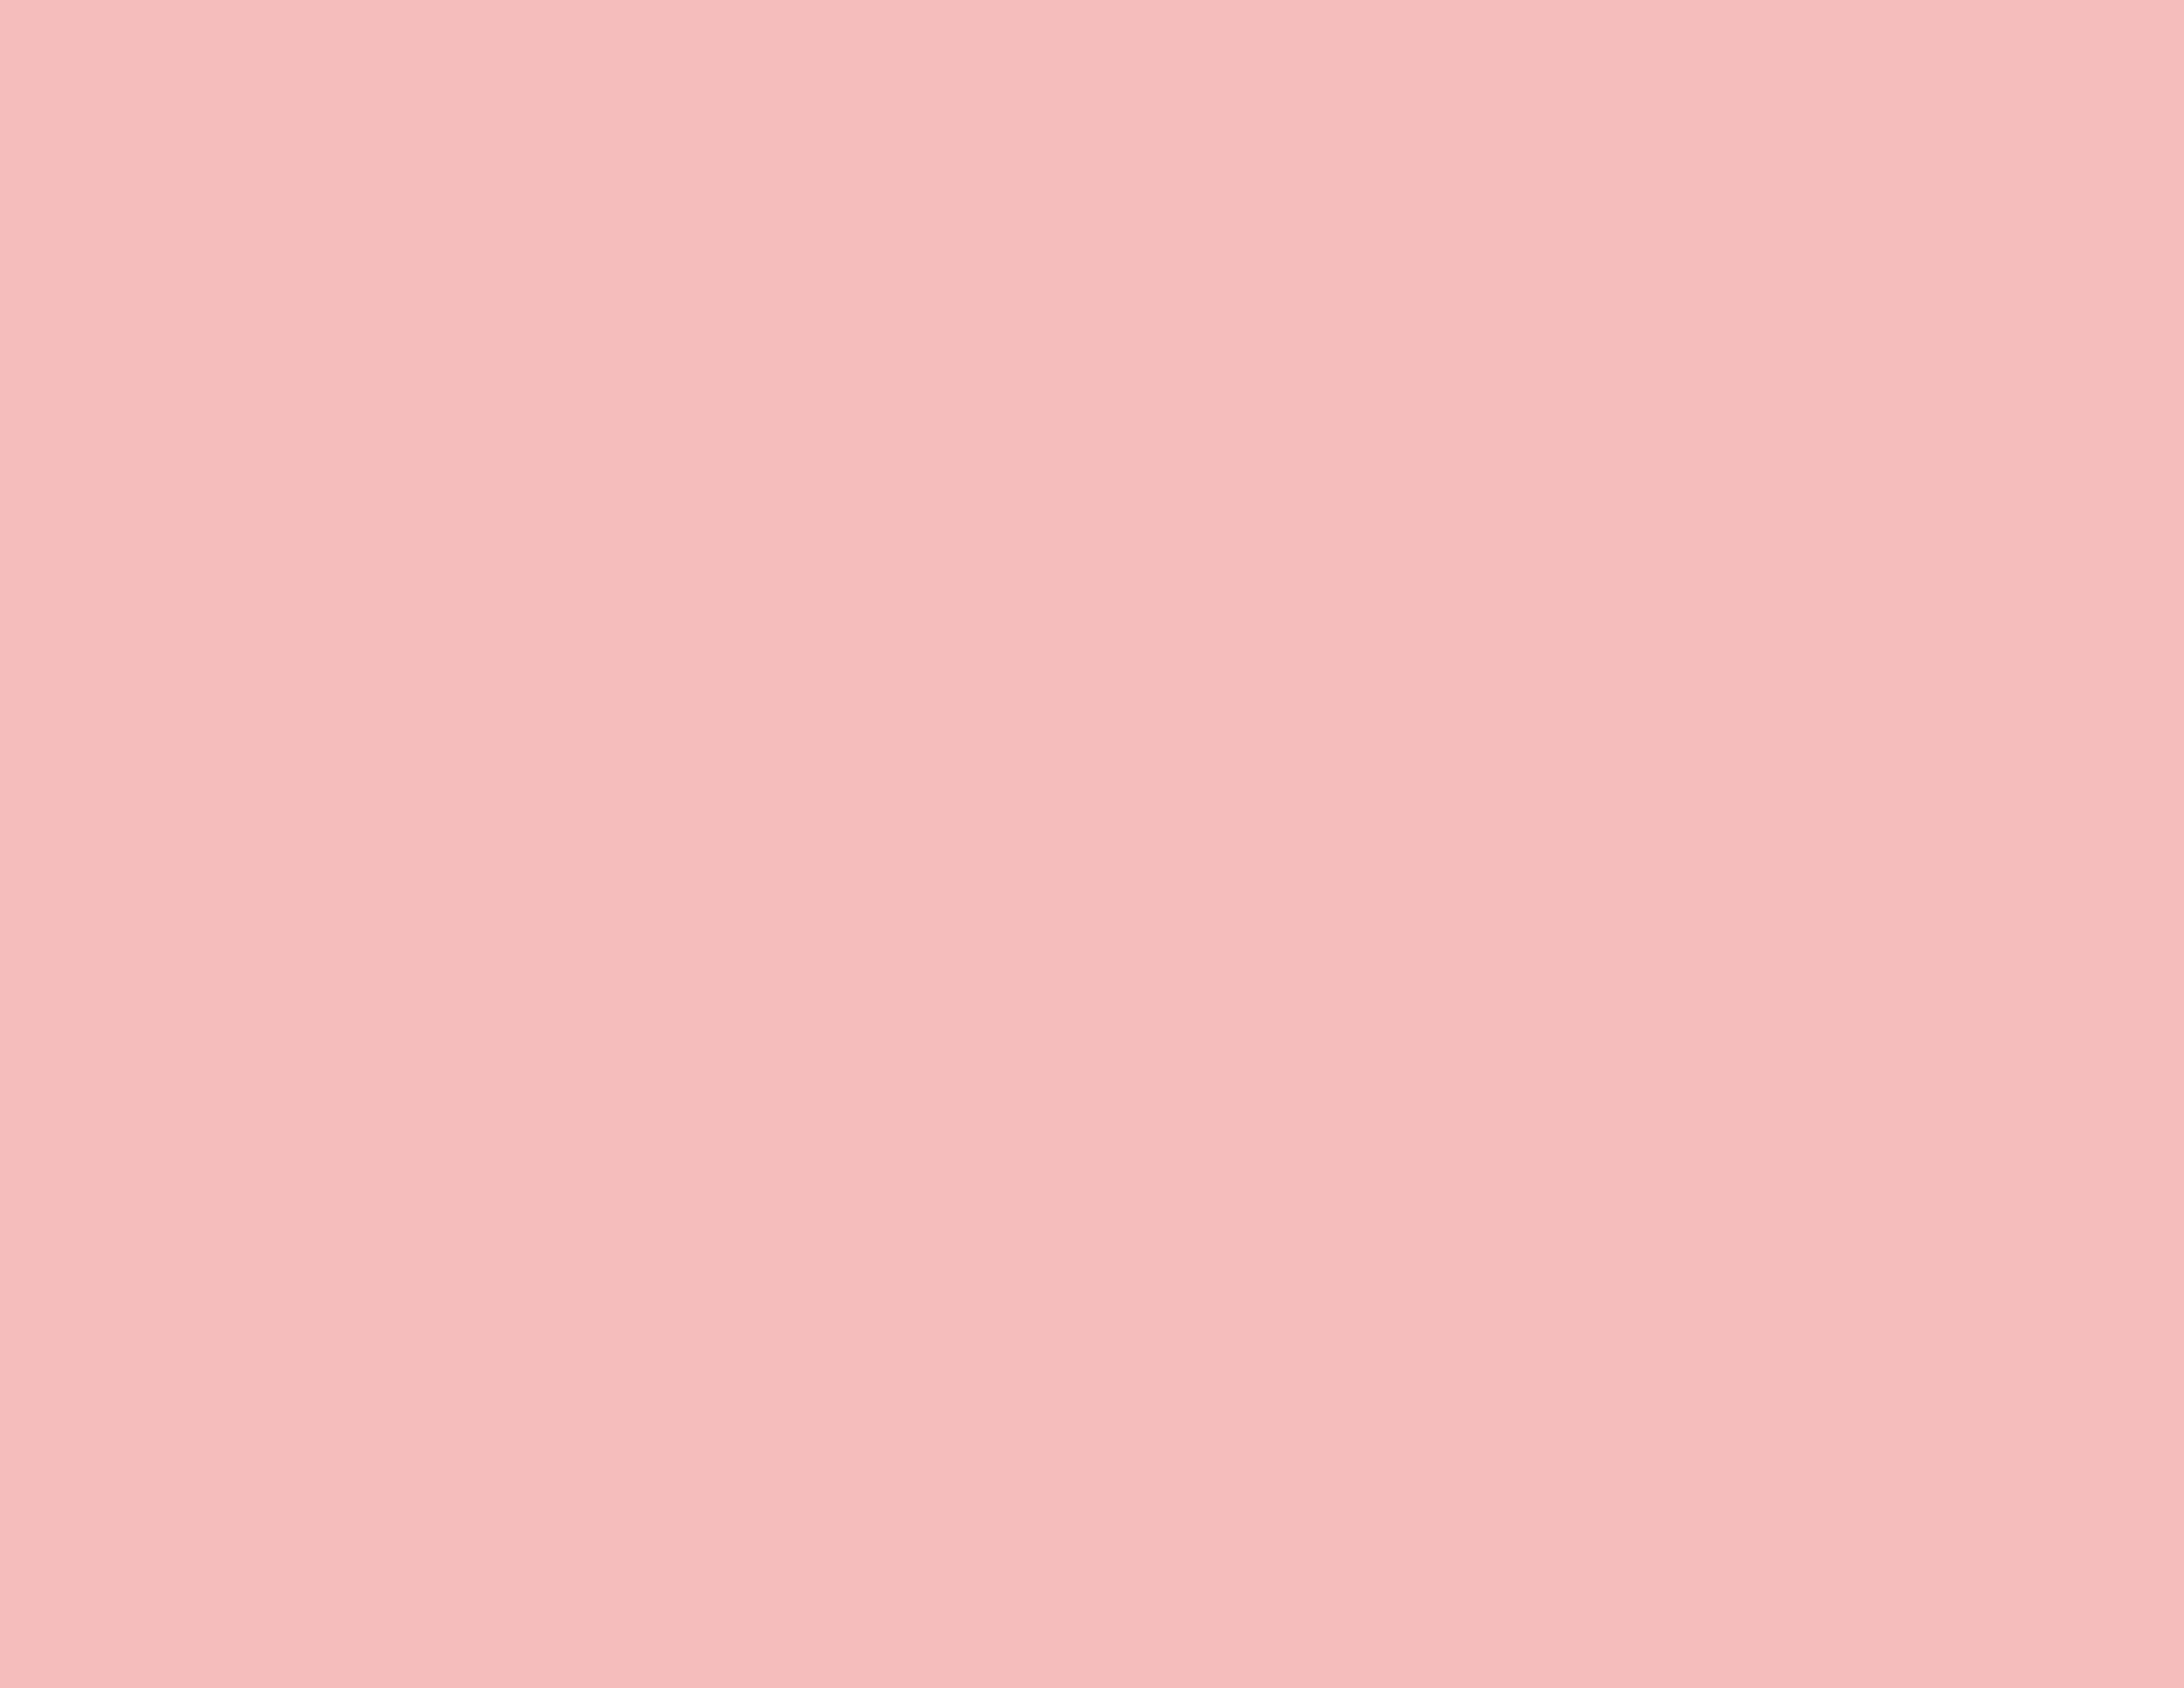 pinkbackground_test.jpg